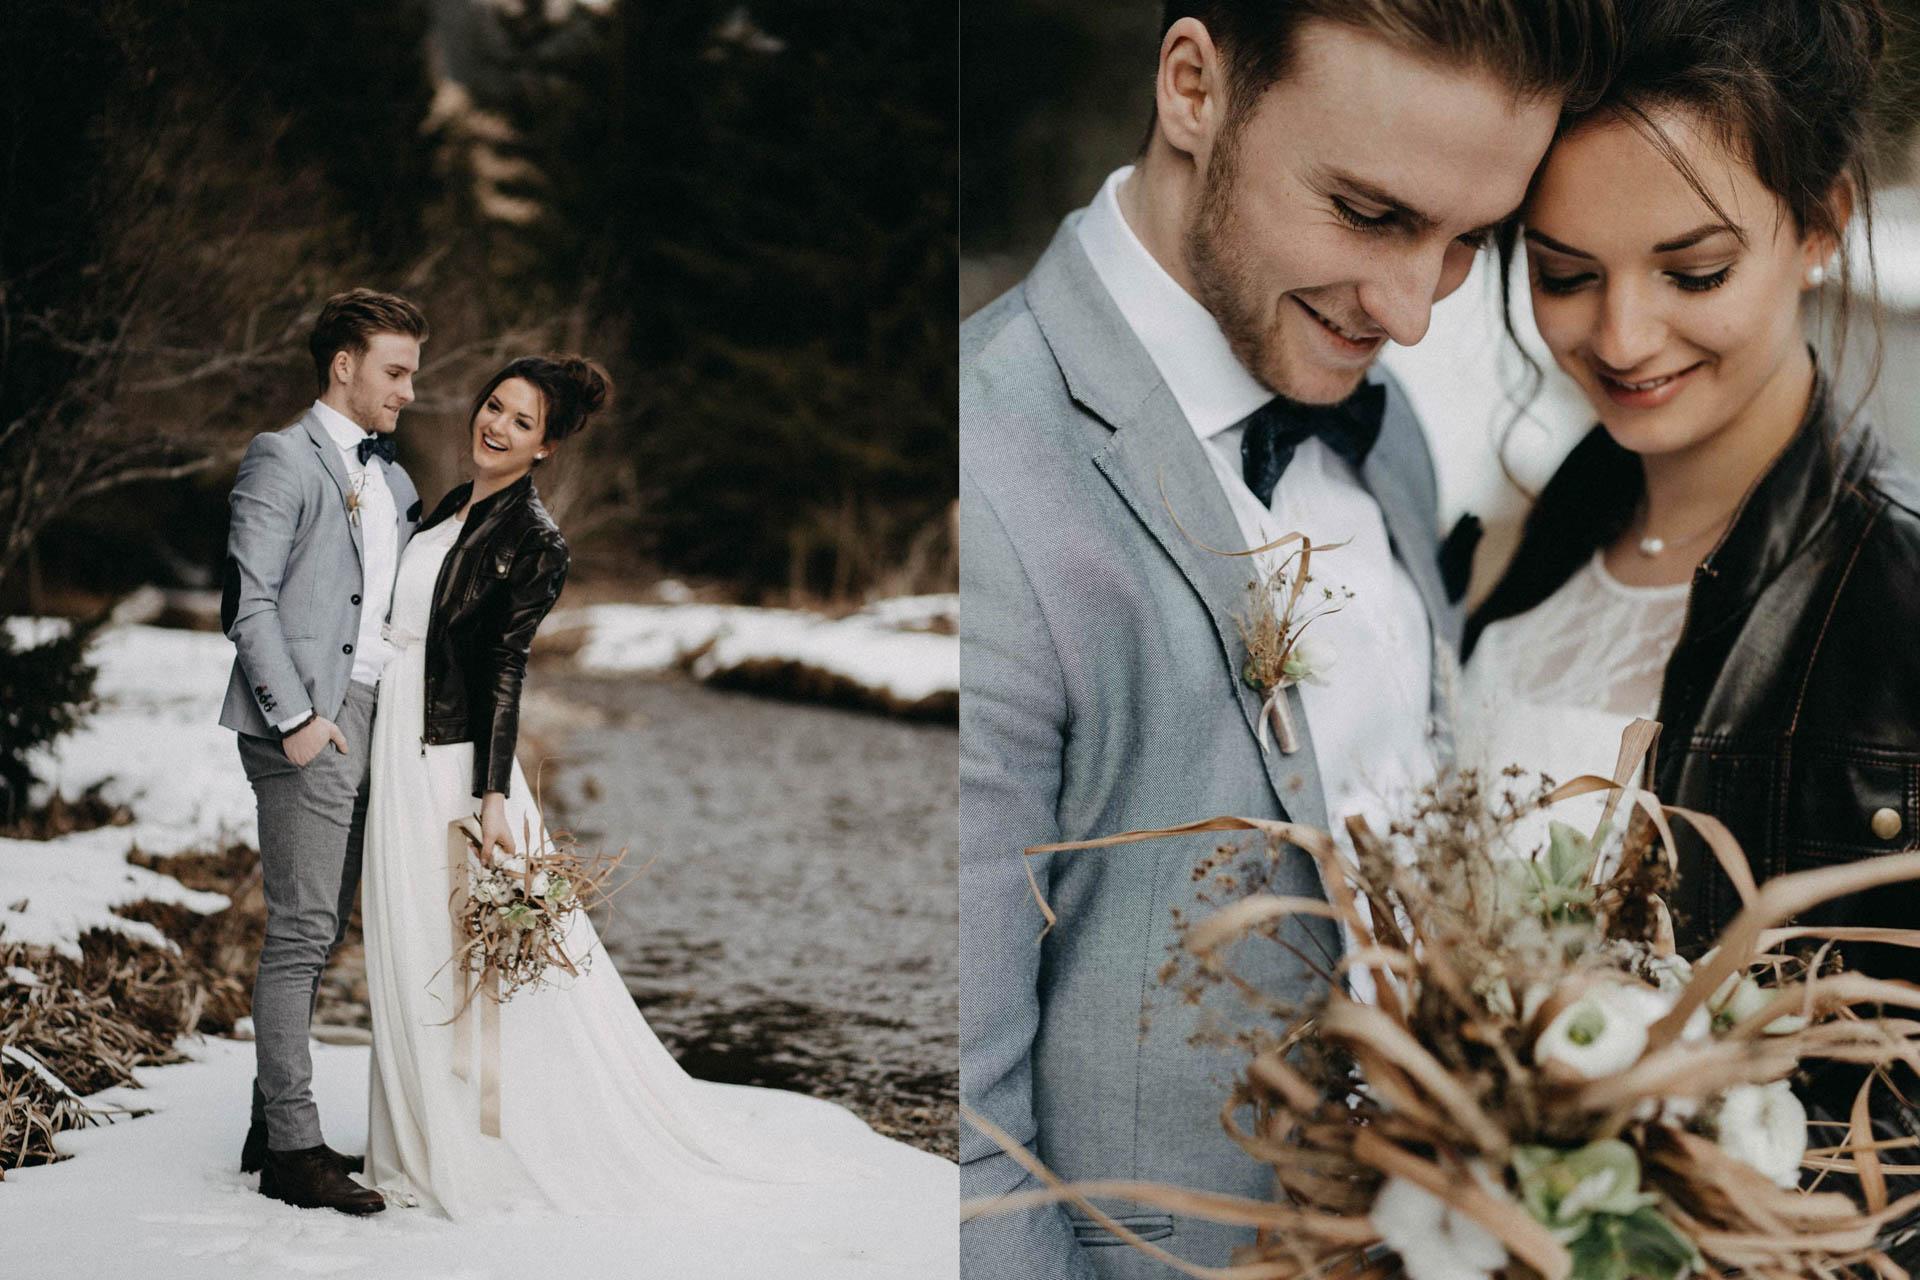 Brautkleid Winter Berge Und Romantik Ein Verliebtes Paar Im Schnee